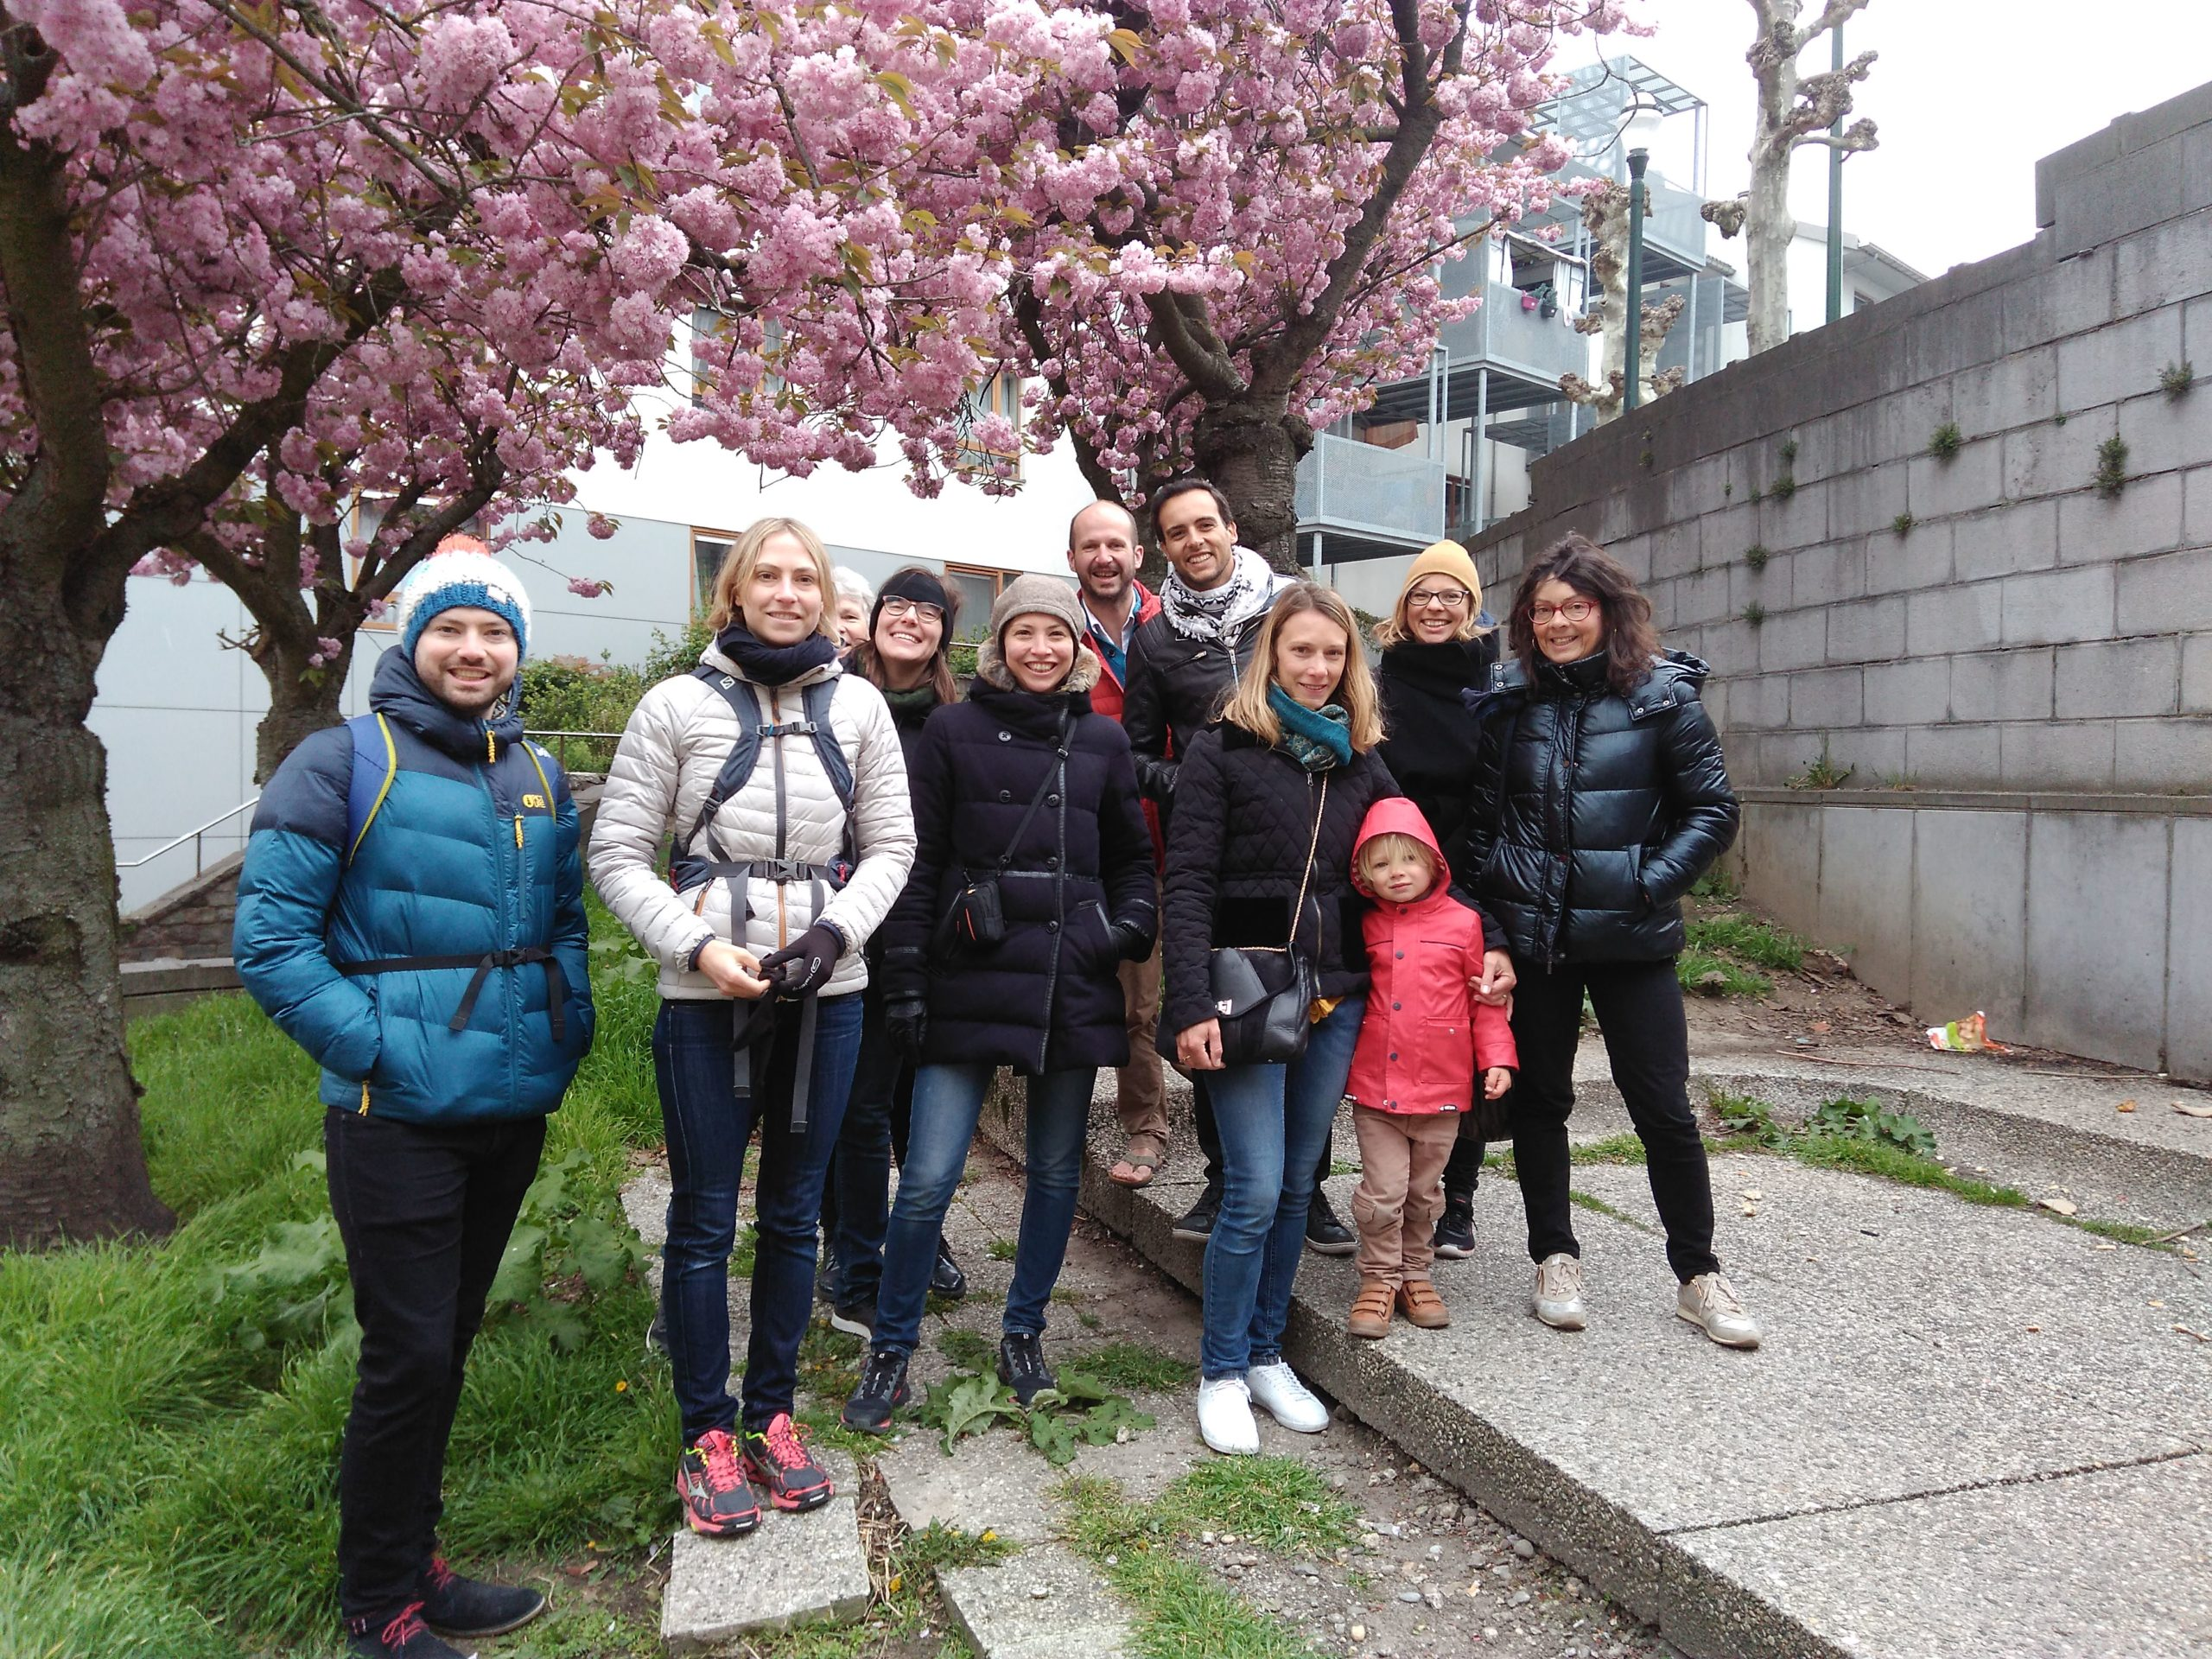 Groupe devant le monument aux vivants dans les Marolles lors d'une visite Bruxelles 1000 ans de luttes de Brussels By Foot.